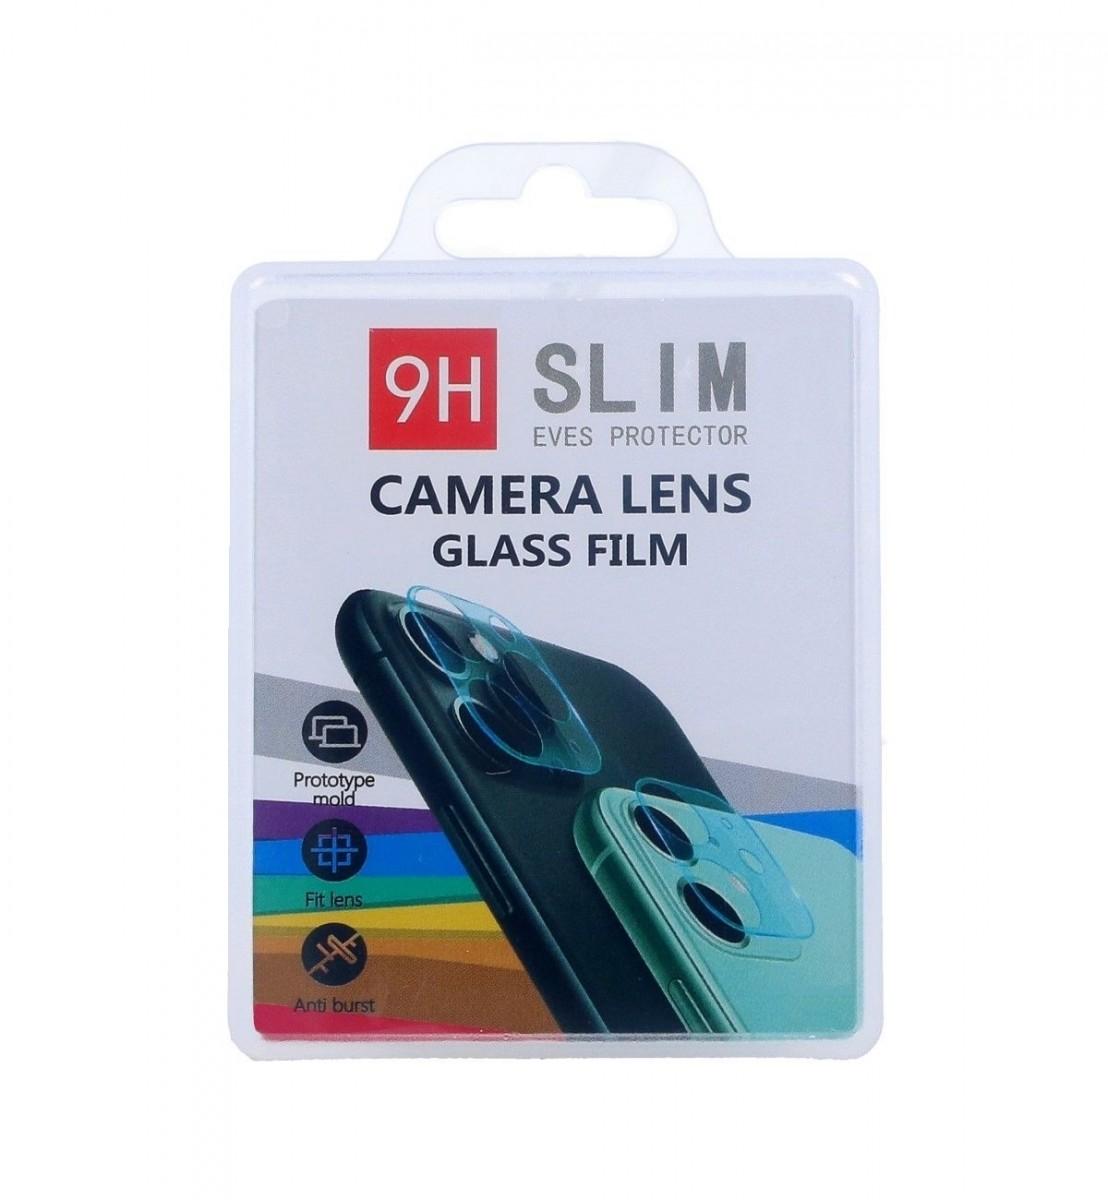 Tvrzené sklo TopQ na zadní fotoaparát Realme C21 60240 (ochranné sklo na zadní čočku fotoaparátu Realme C21)